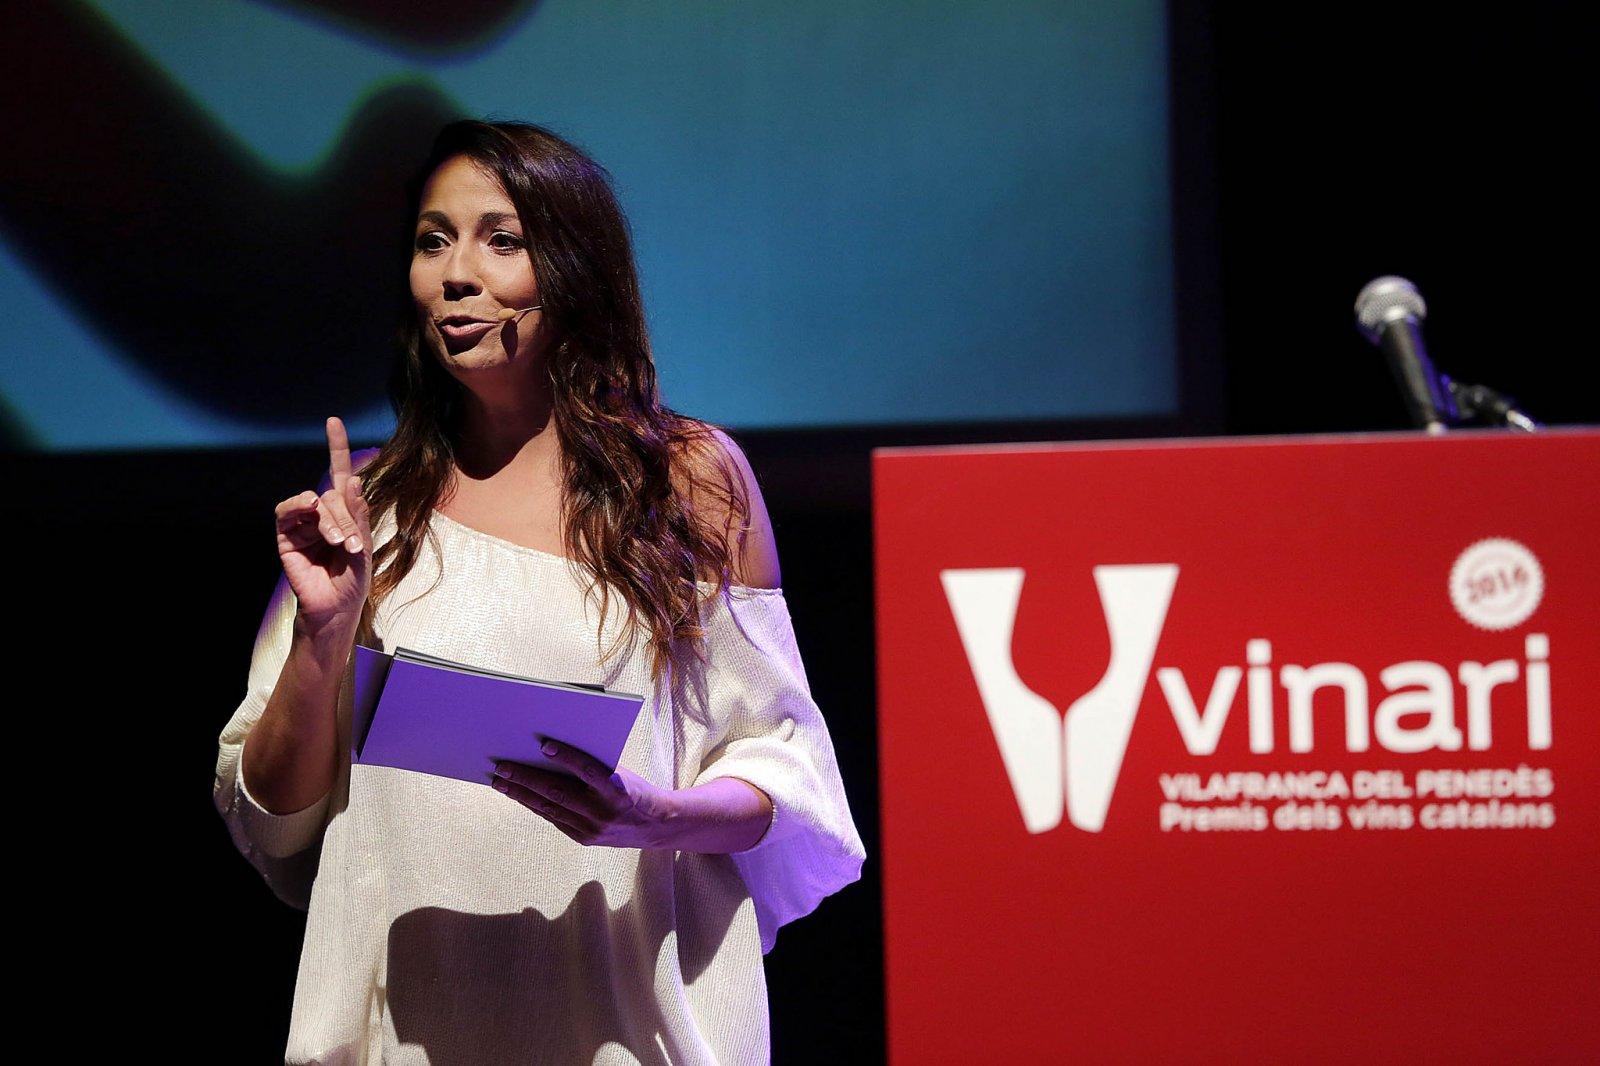 Txe Arana, durant la presentació dels Premis Vinari 2016